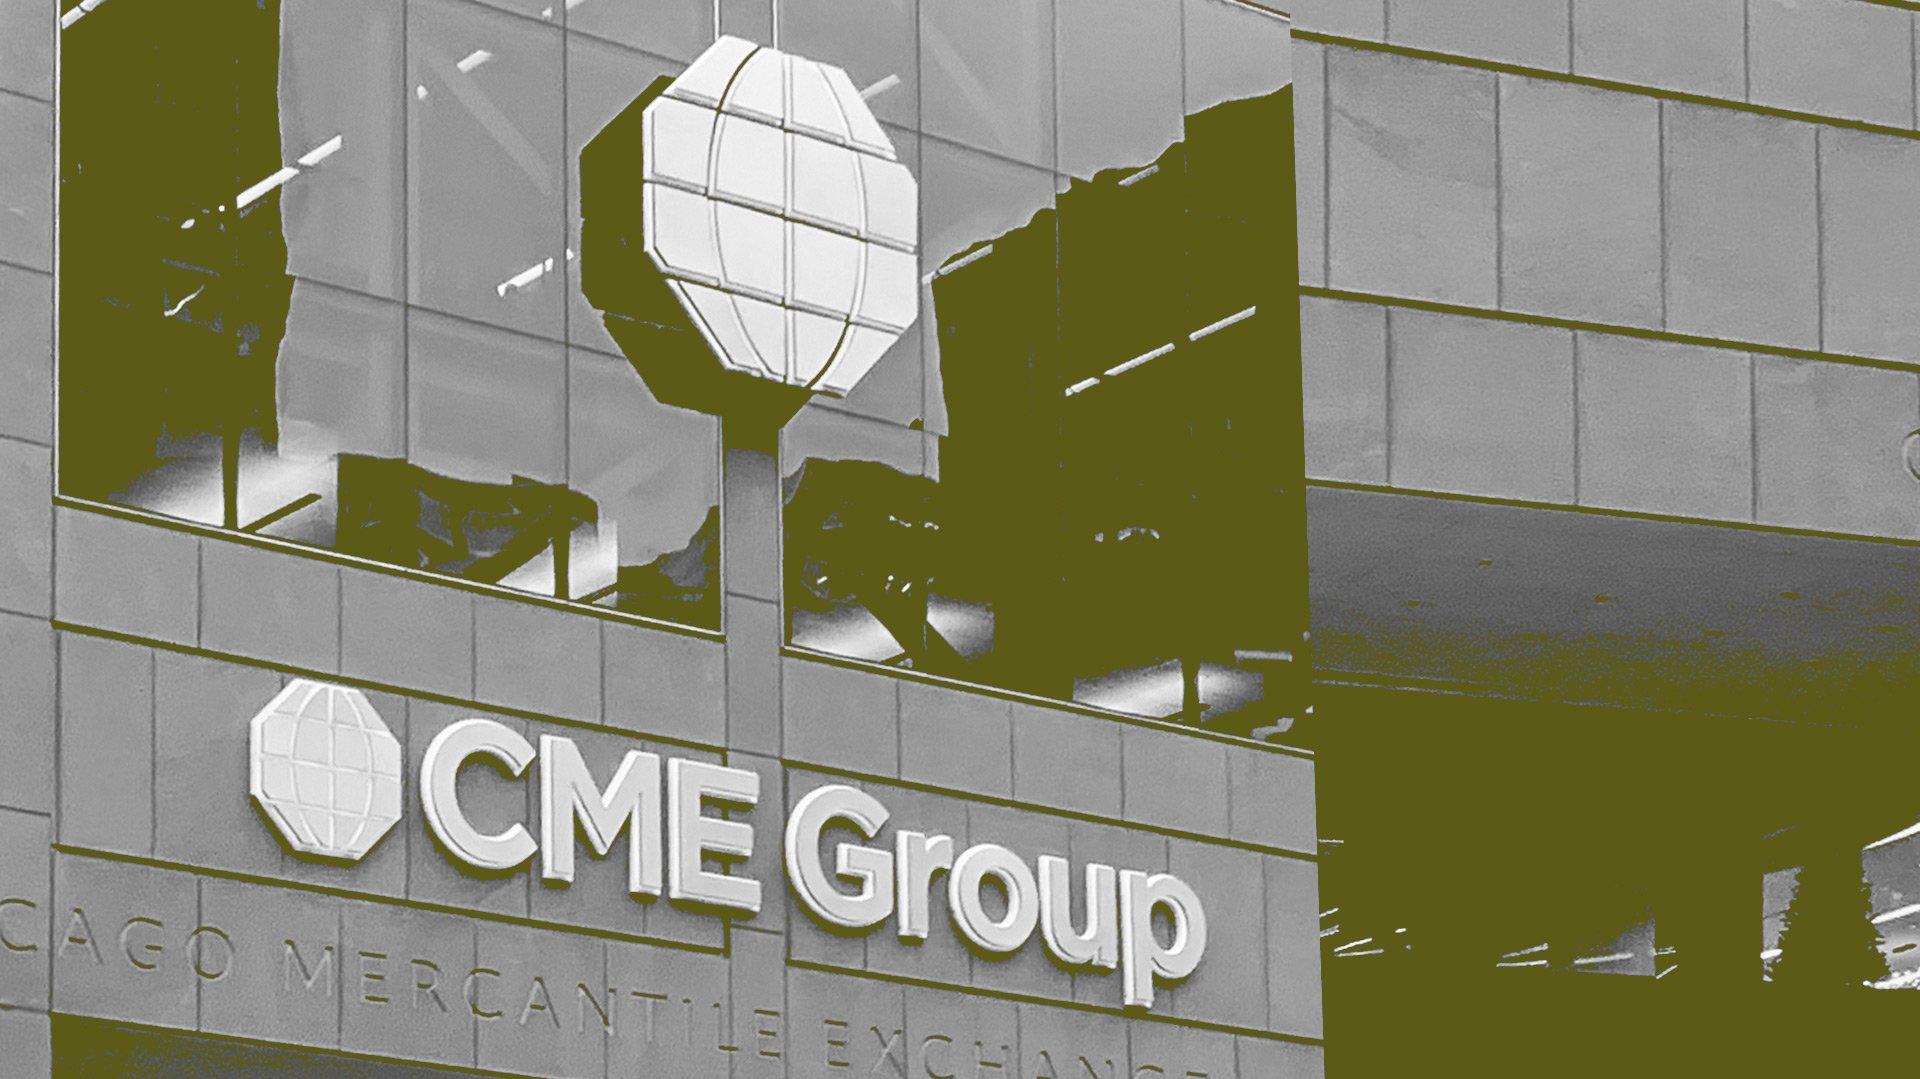 يرى CME أنه يتم تداول ما يقرب من 400 عقد آجل من ETH في اليوم الأول